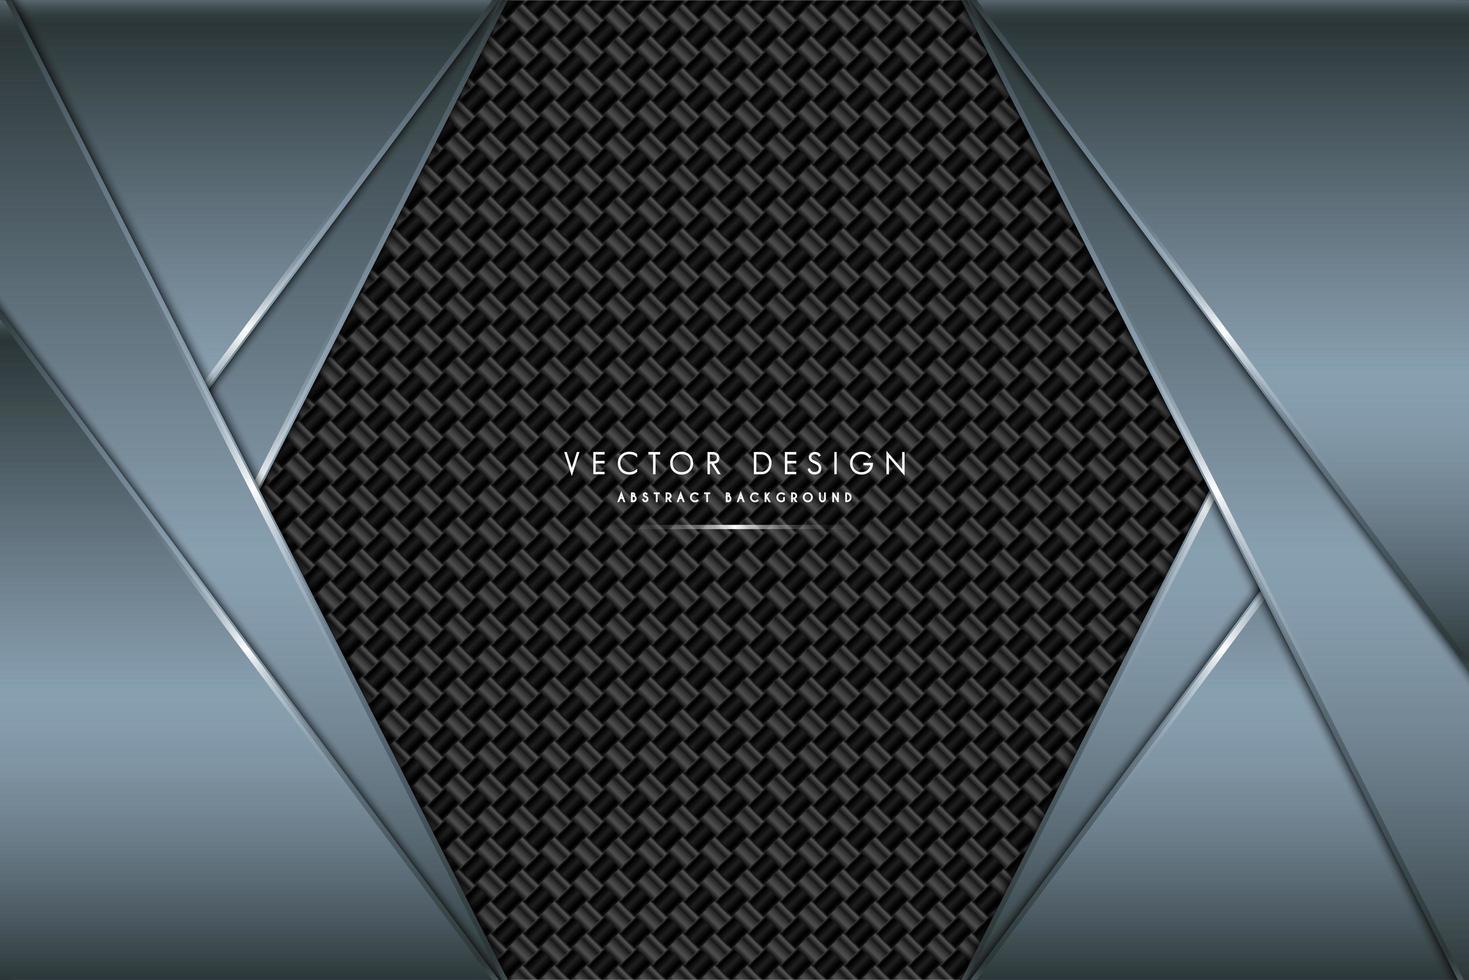 diseño en ángulo metálico azul con textura de fibra de carbono vector